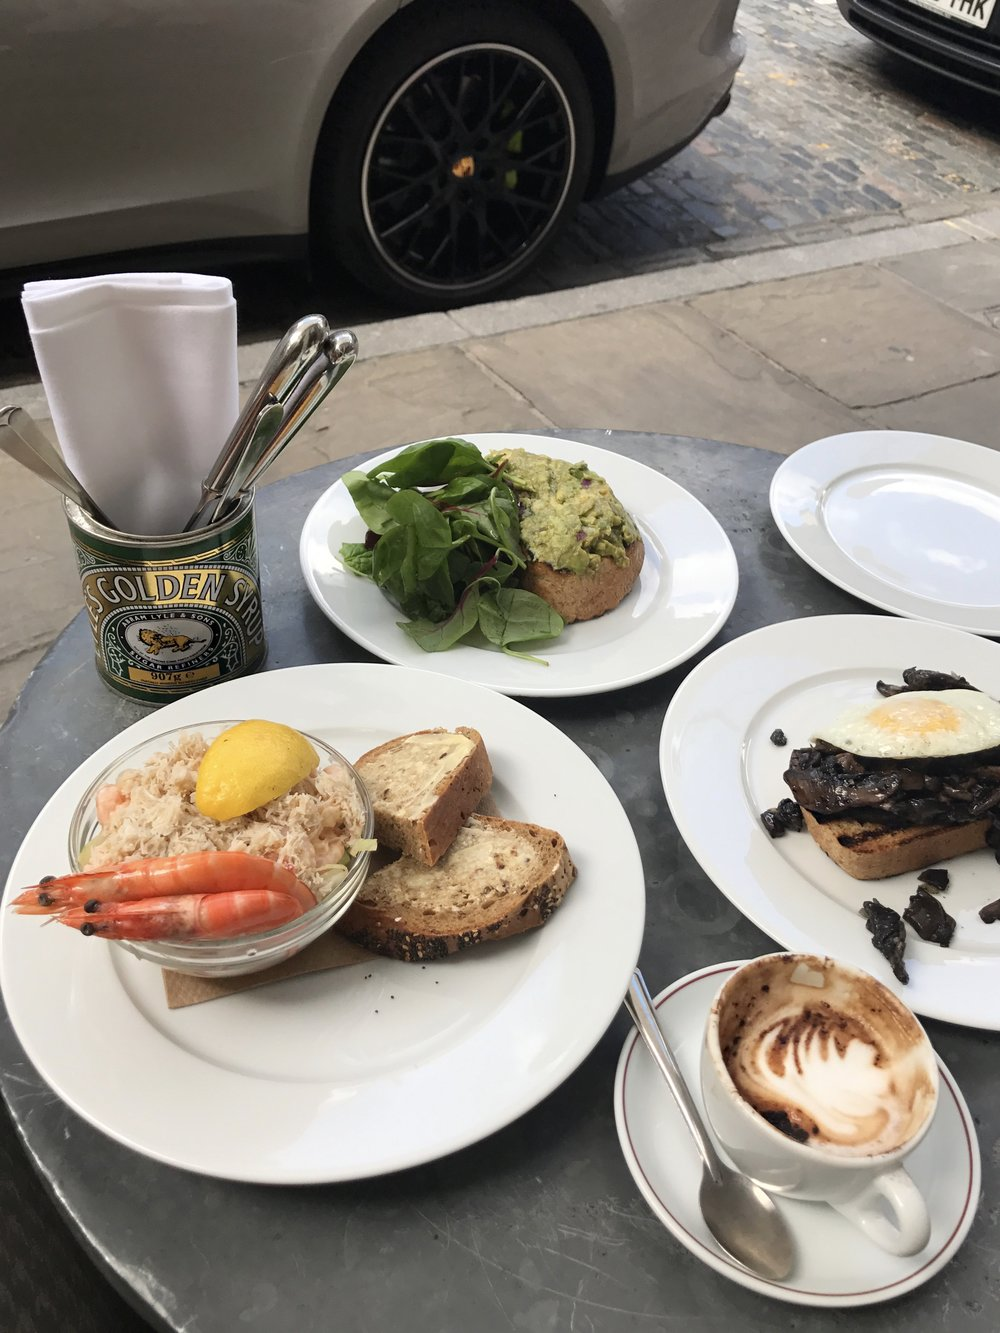 Mad og Kaffe: Leila's Shop